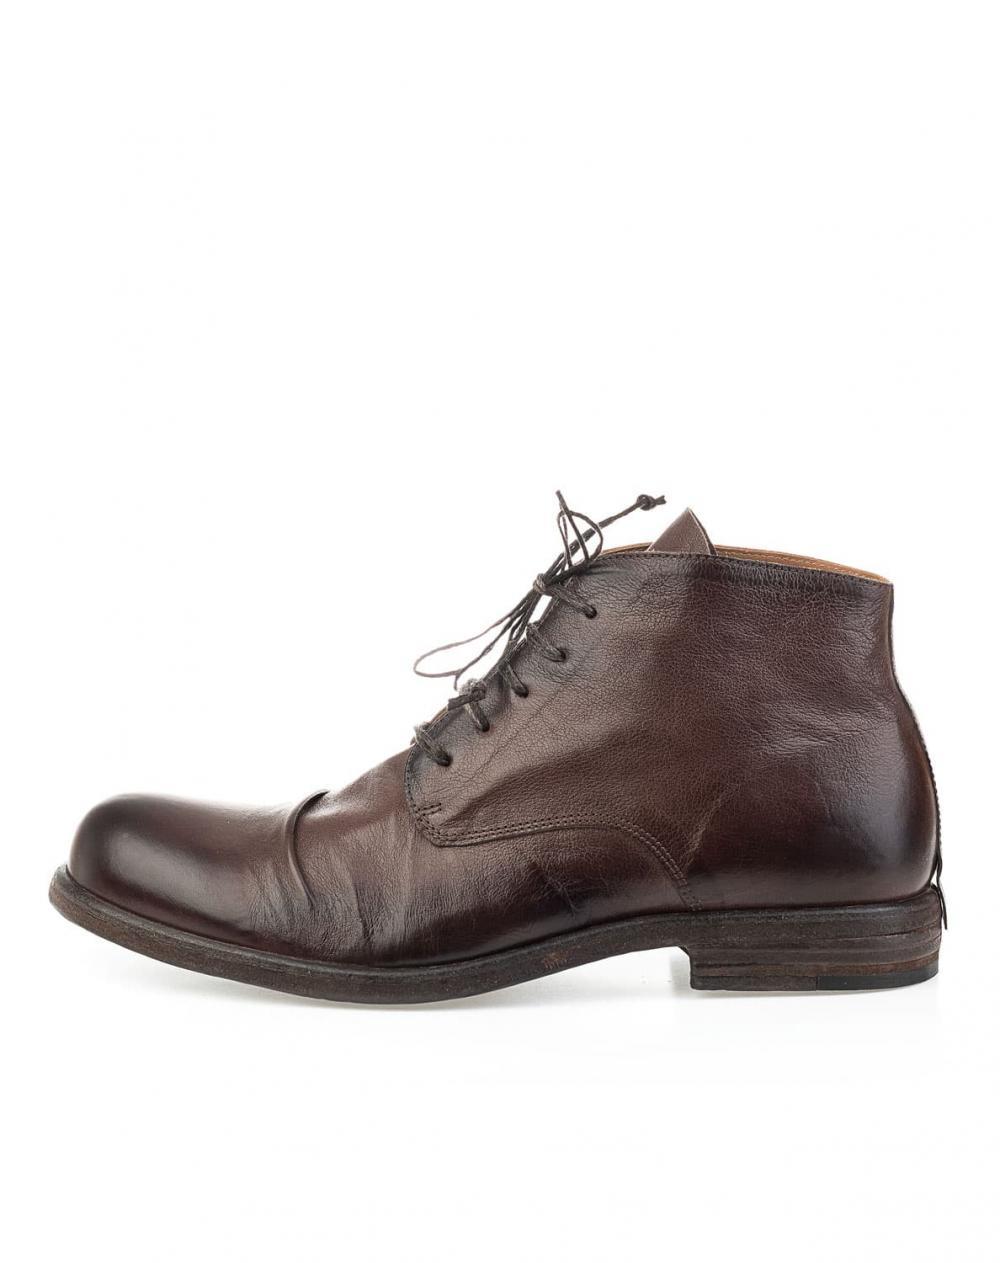 Boot Ines 1035